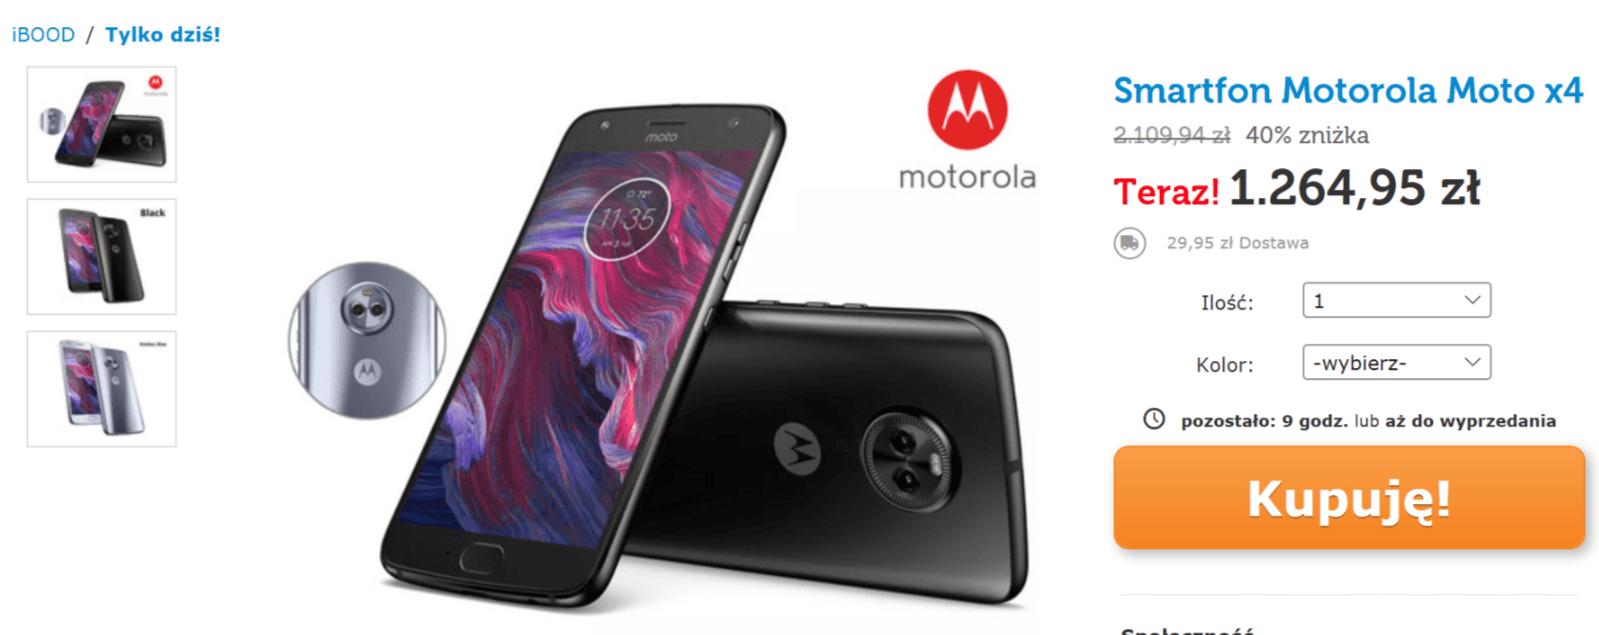 Tabletowo.pl Motorola Moto X4 z 4 GB RAM i 64 GB pamięci wewnętrznej za mniej niż 1300 zł. W tej cenie się opłaca Motorola Promocje Smartfony